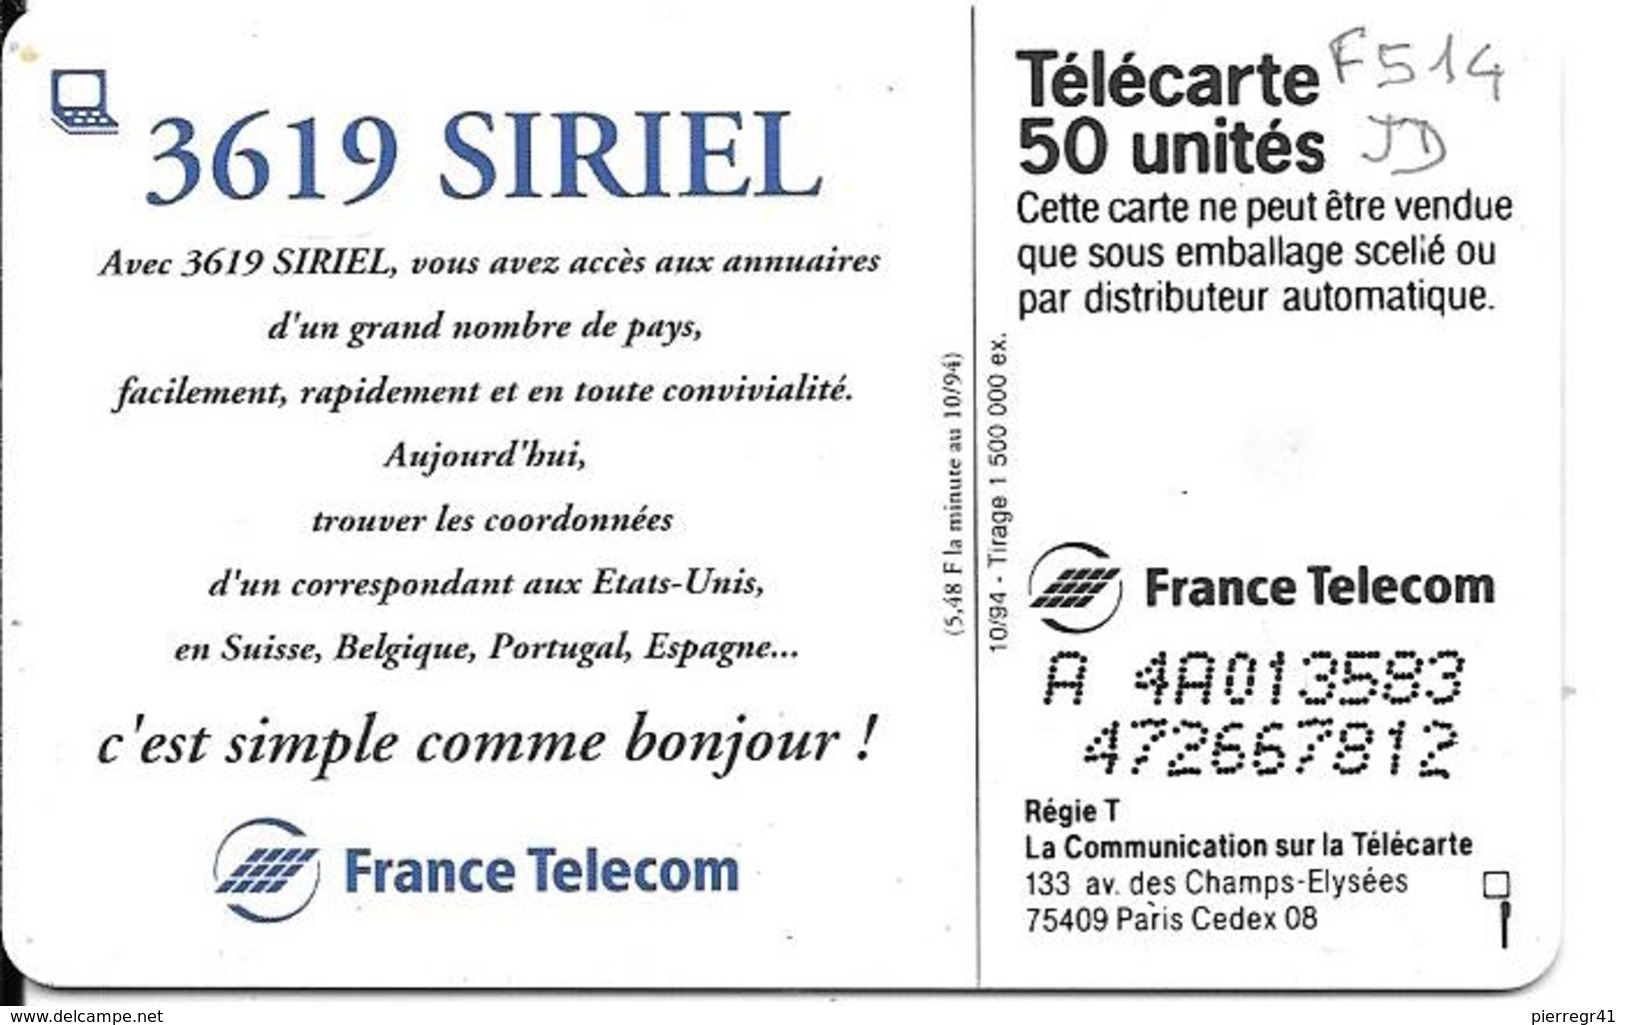 CARTE-PUBLIC-120U-F514.DN.JD-36.19 -3619 SIRIEL-N° Série A 4A013583 UTILISE-TBE- - France